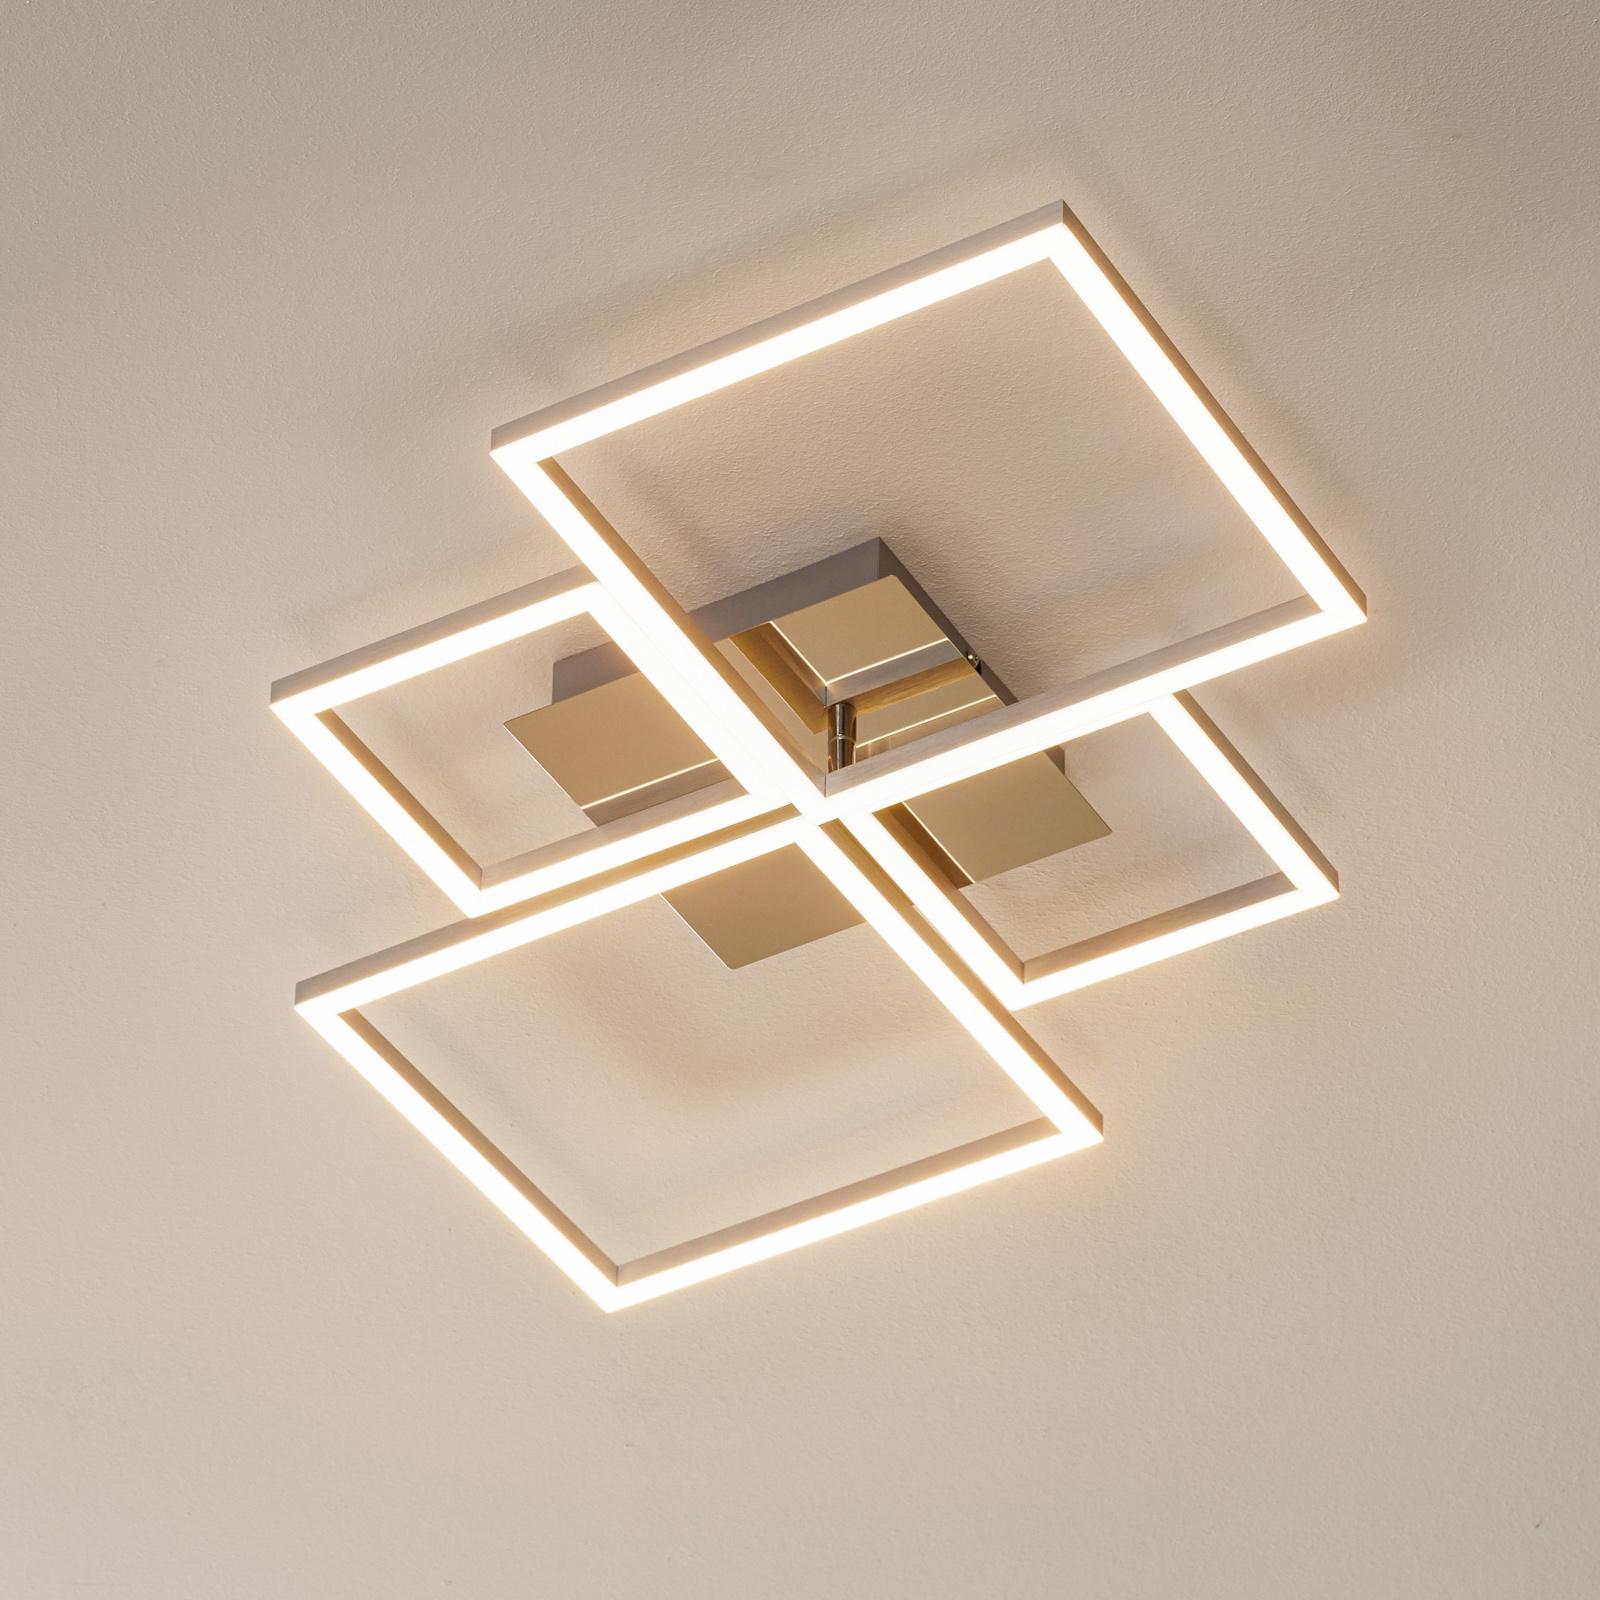 Plafón LED 3128-018 atenuable interruptor de pared